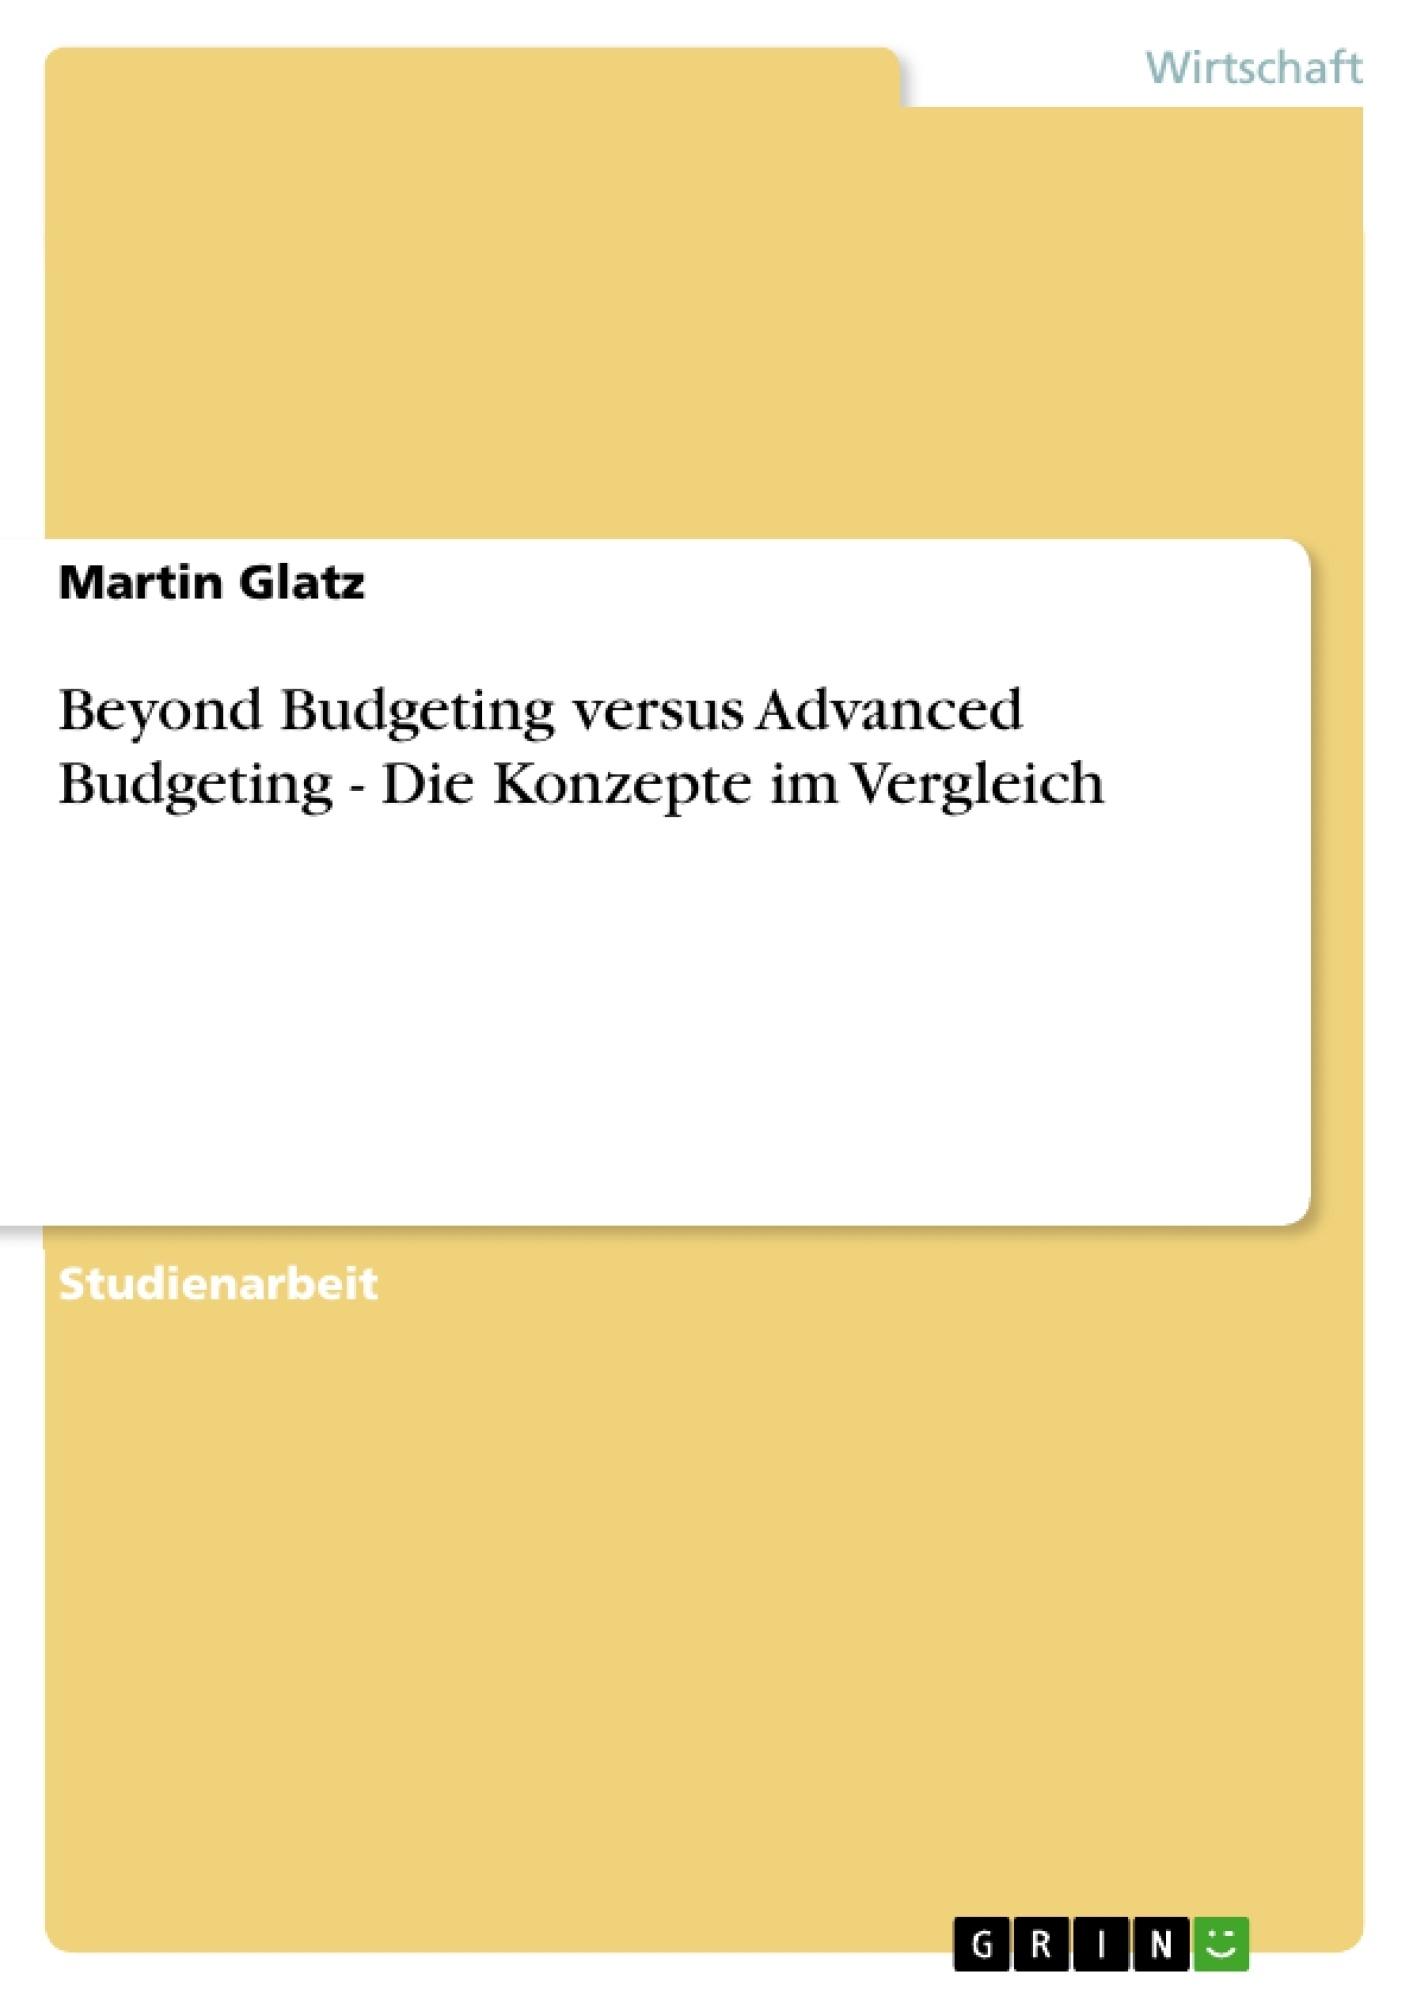 Titel: Beyond Budgeting versus Advanced Budgeting - Die Konzepte im Vergleich